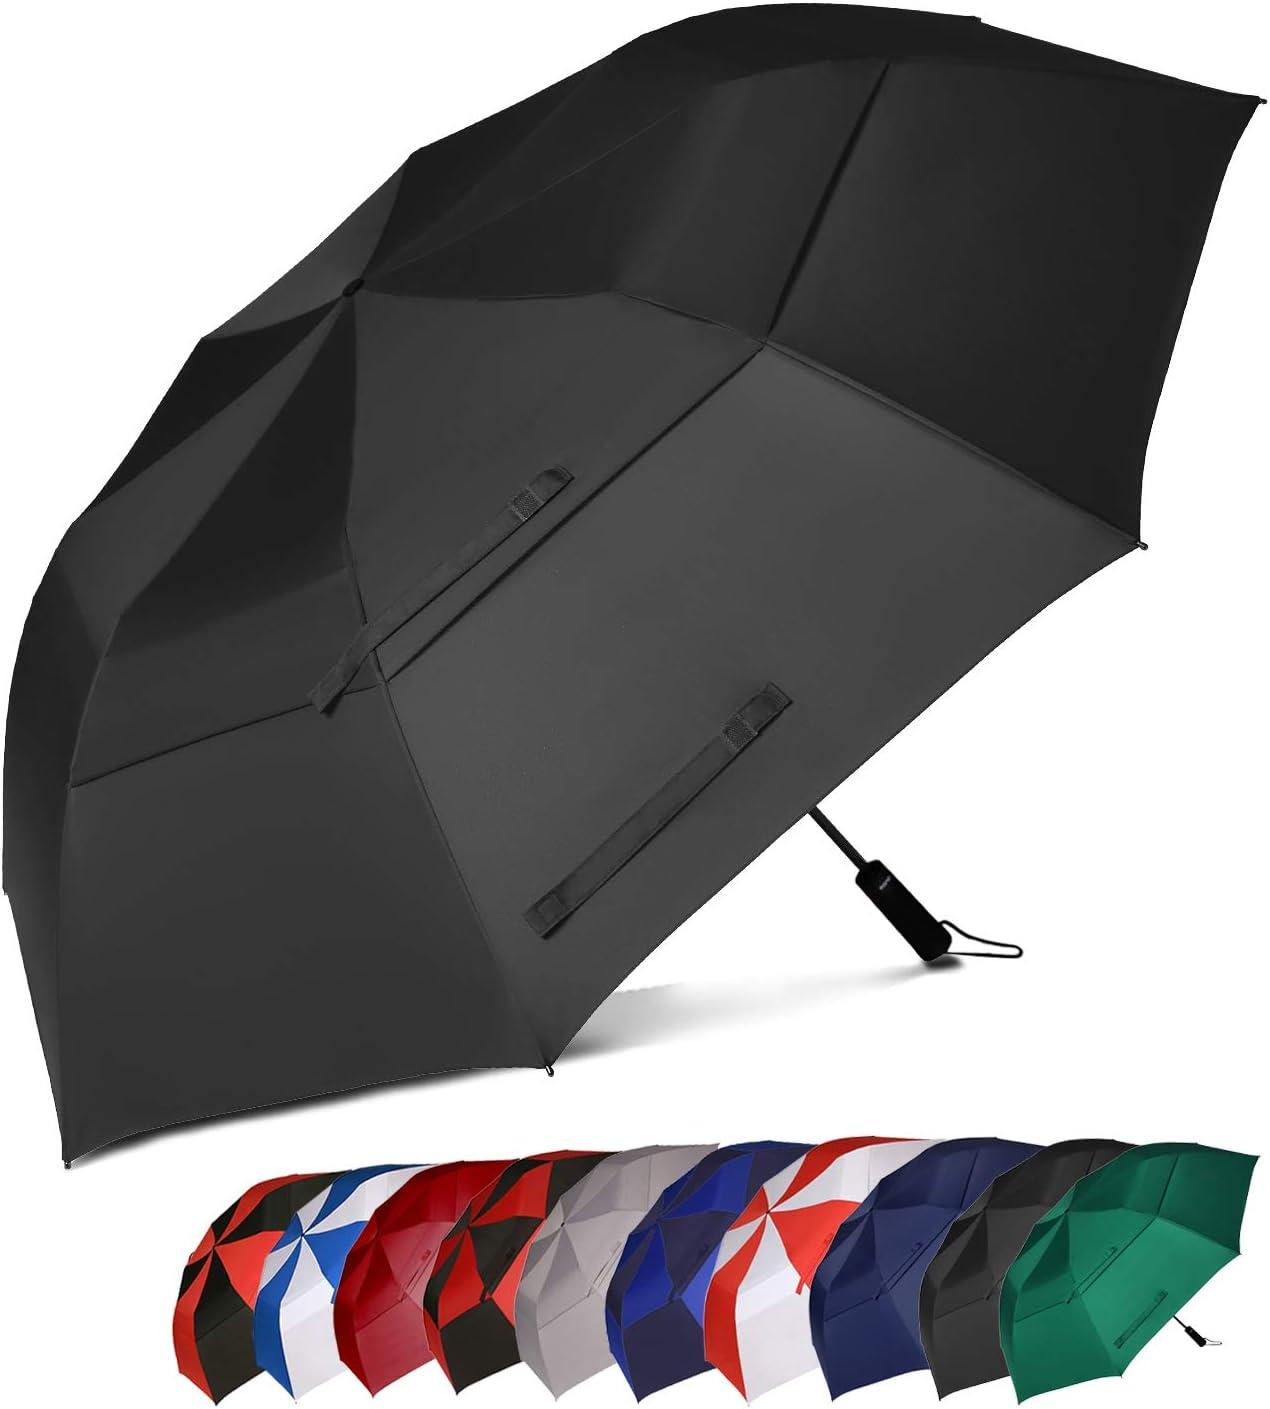 Eono by Amazon - Paraguas de Golf Resistente al Viento con Doble Tela y Sistema de Apertura automático, Antiviento Paraguas Grande, Large Golf Umbrella, Deportivo, Unisex, Impermeable, 58